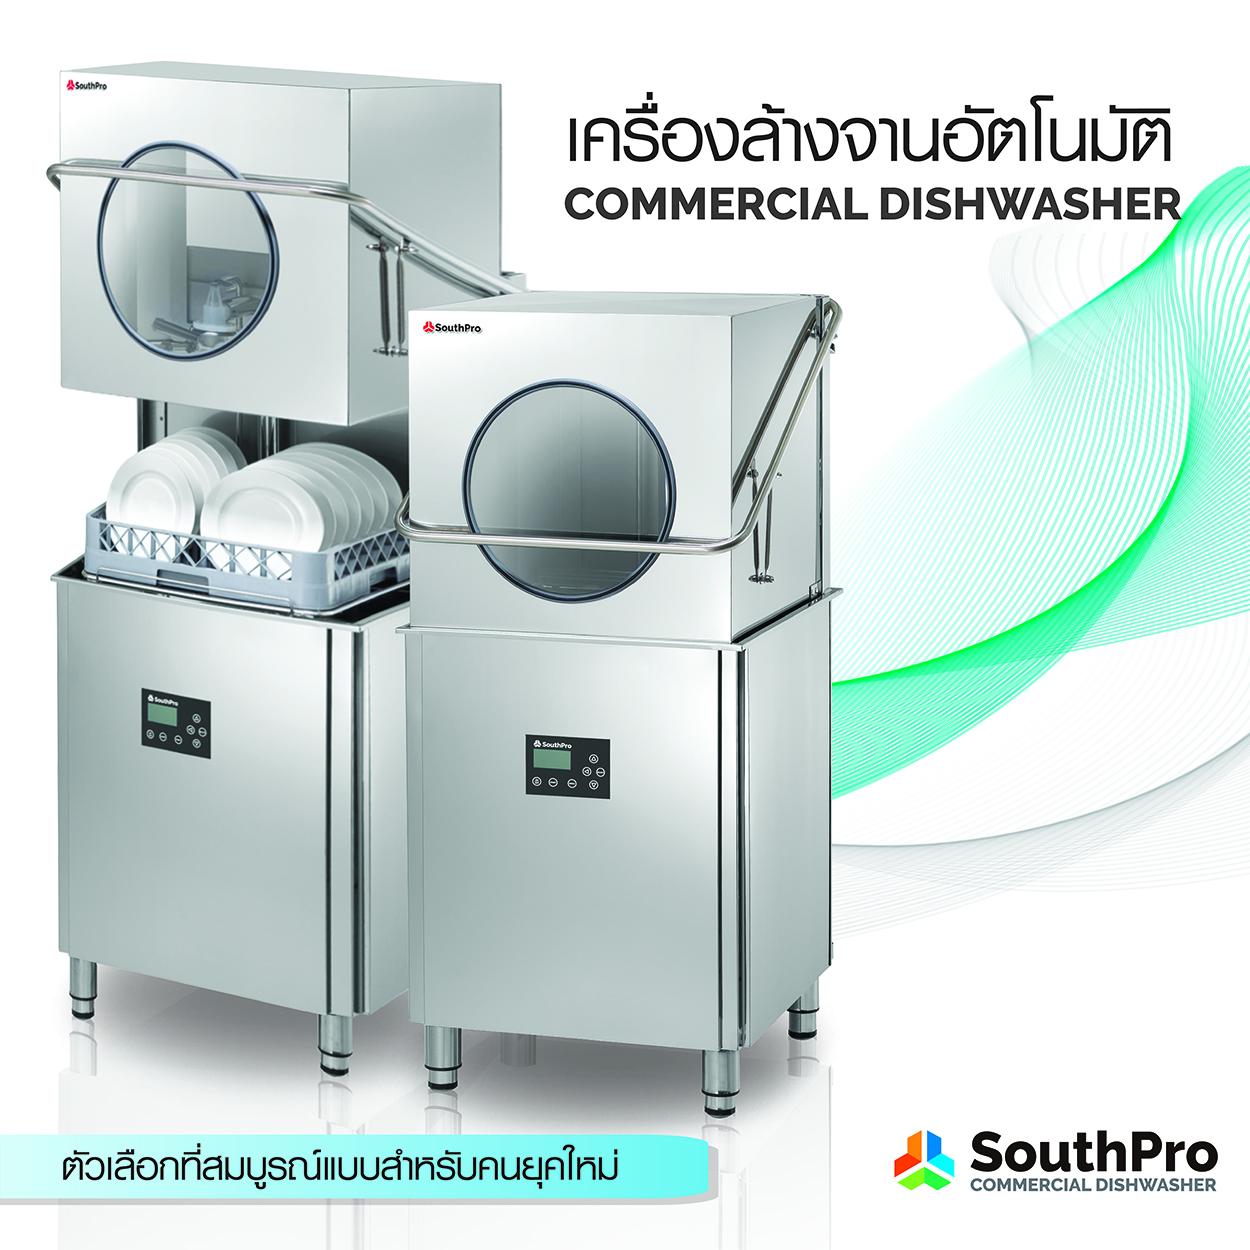 เครื่องล้างจาน Made in KOREA รุ่น SPJ-1001 ล้าง 1 นาที / 30 จาน (1 ชั่วโมง / 1,800 จาน)